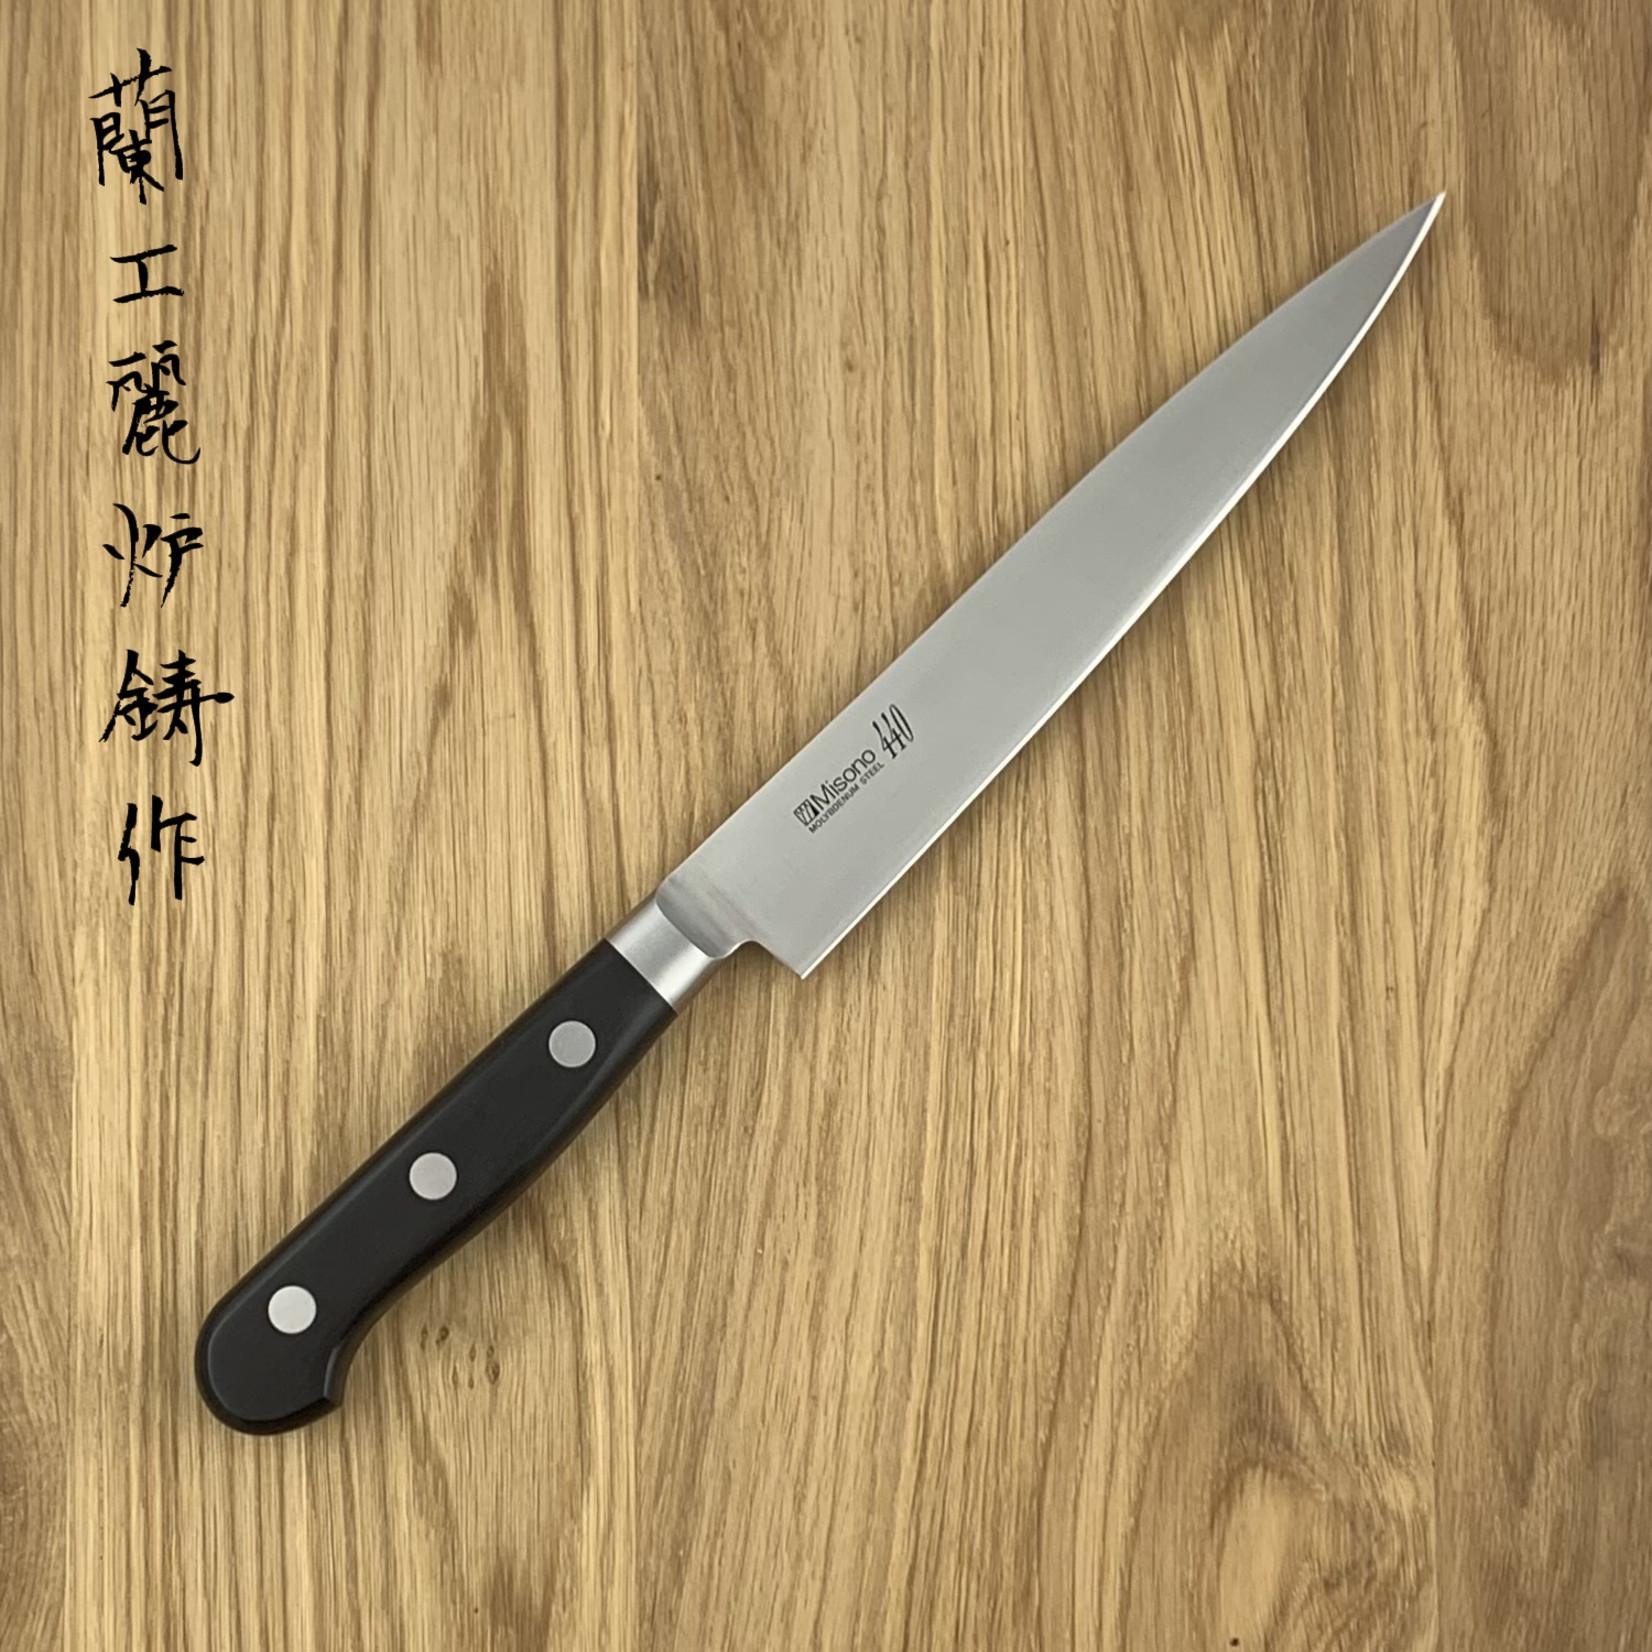 MISONO 440 Slicer 180 mm 871